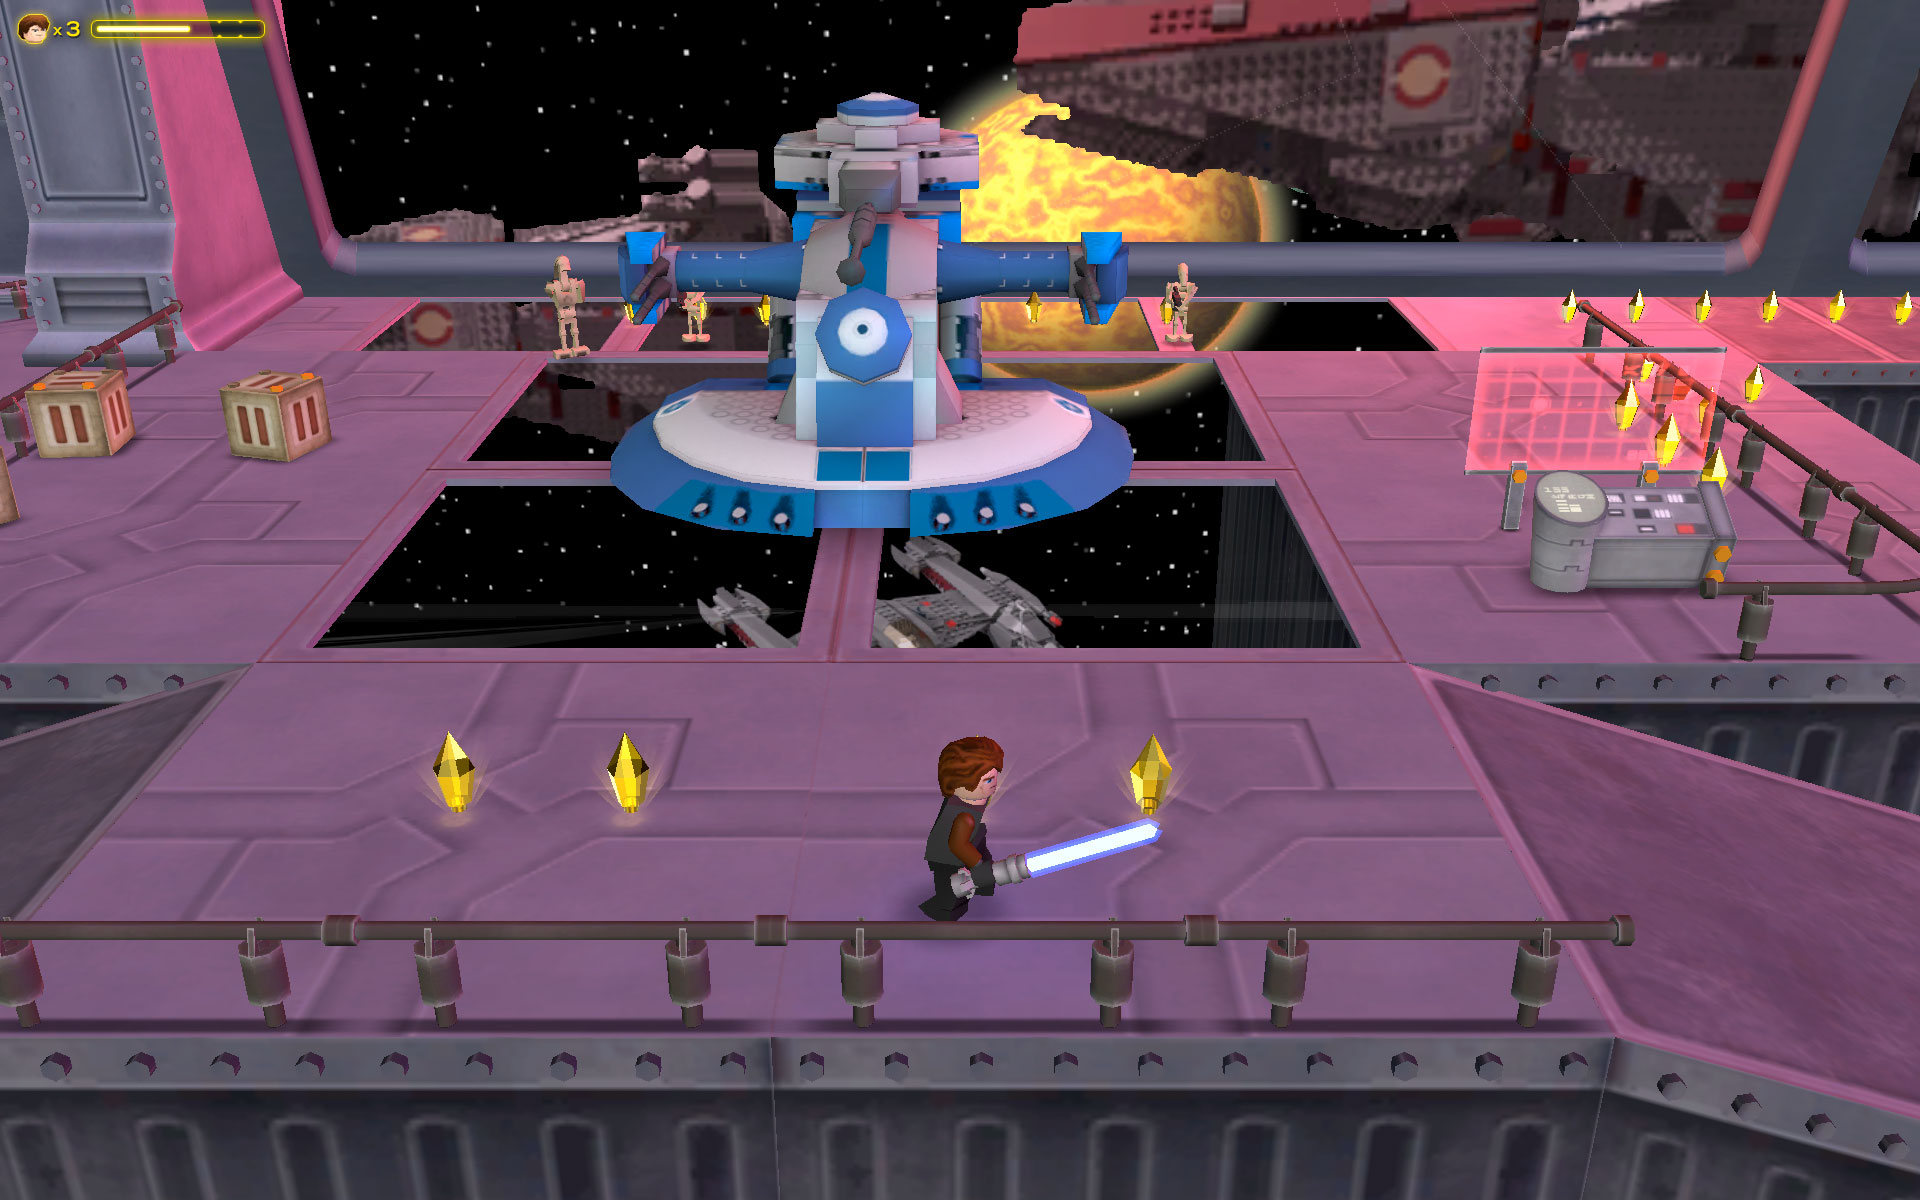 Игра звездные войны в поисках р2д2 игра лечить тома и джерри